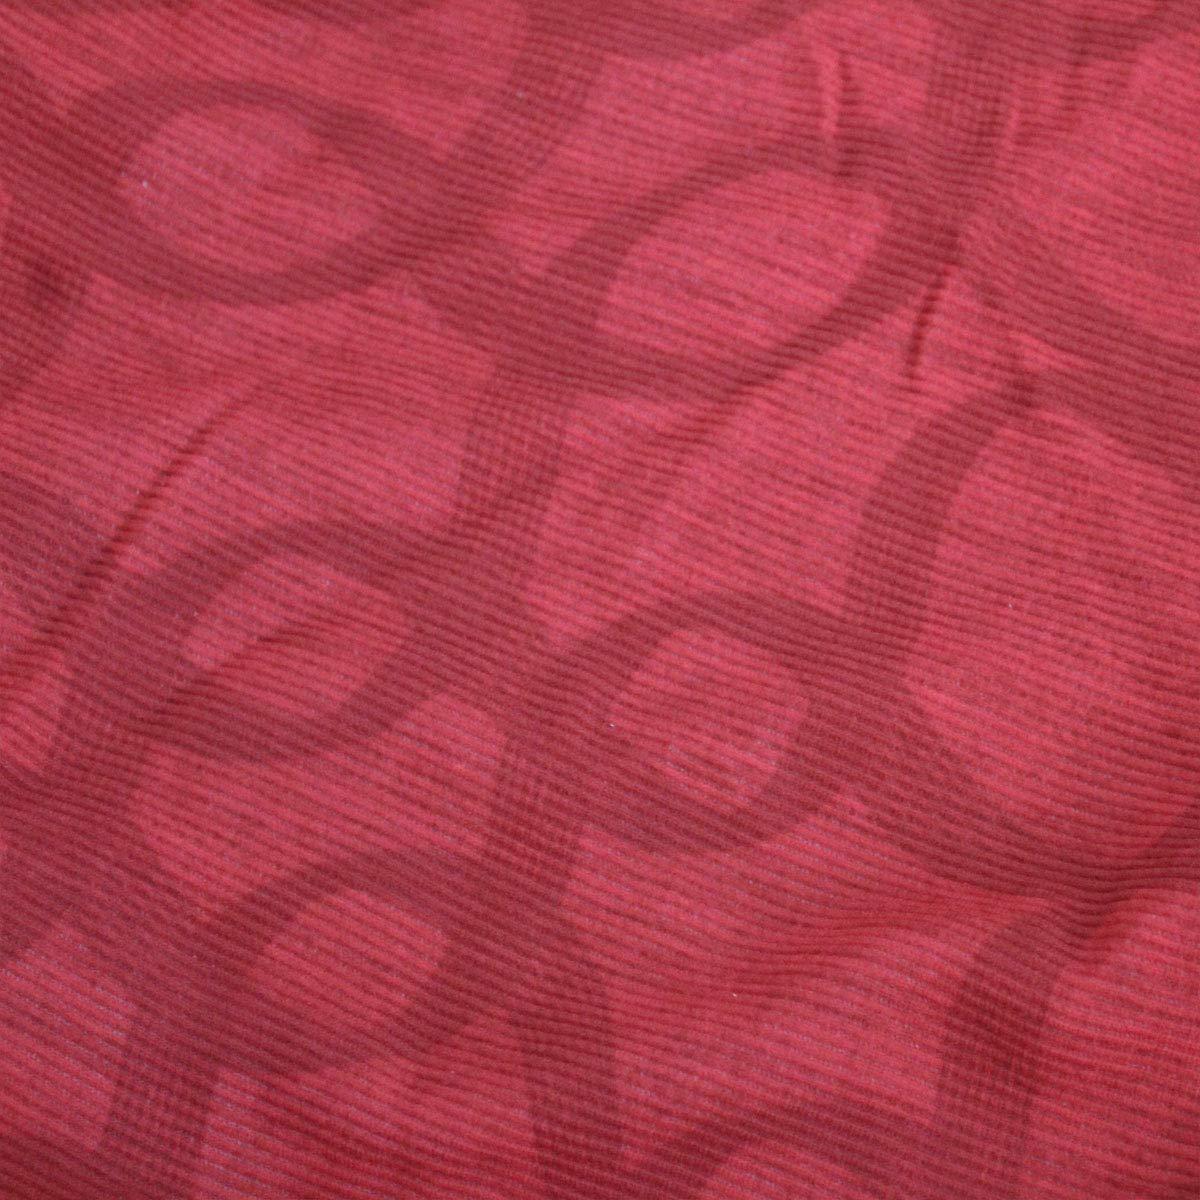 Russo Tessuti Copridivano Copri Divano Sofà Cover Linea Ambro Elasticizzato Fantasia RAY ONE-510 Crema-Copristruttura 2 Posti